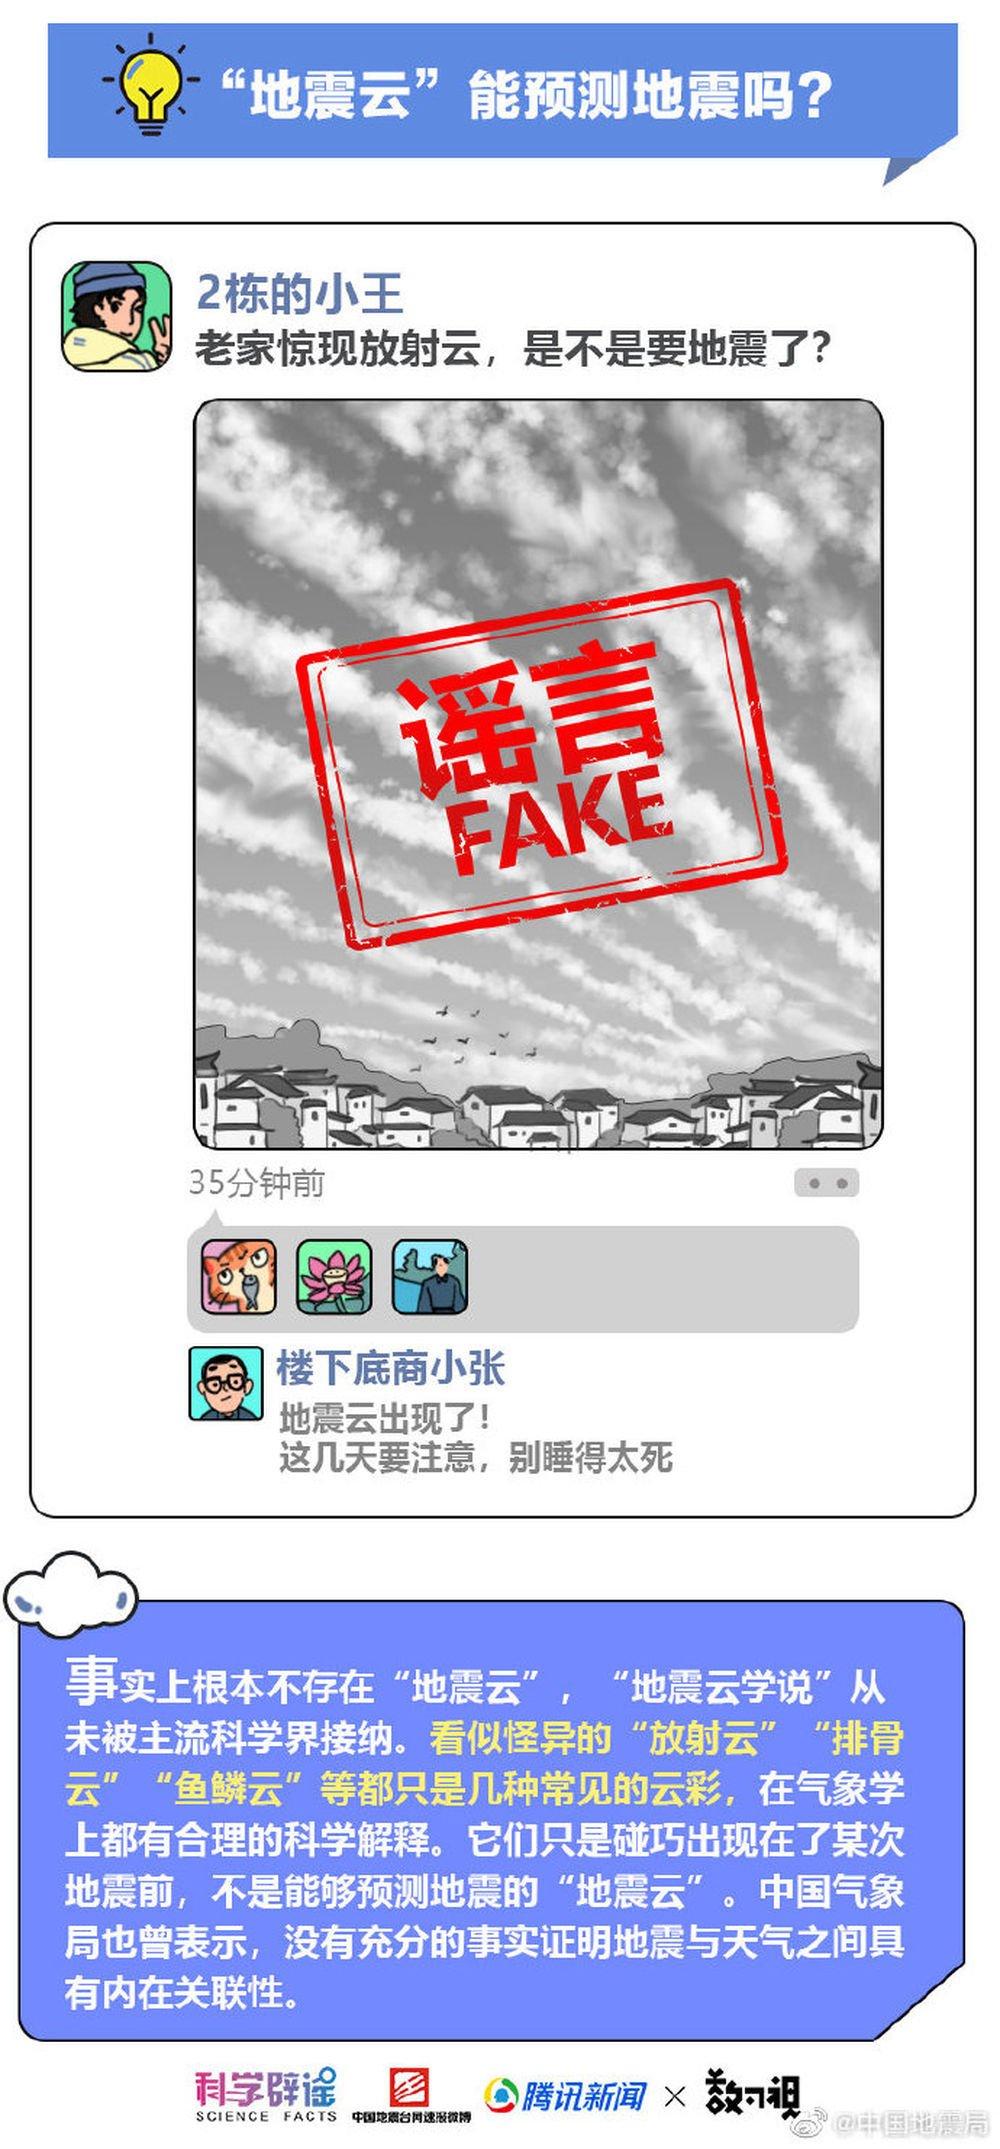 北京门头沟地震前有预兆?中国地震局辟谣